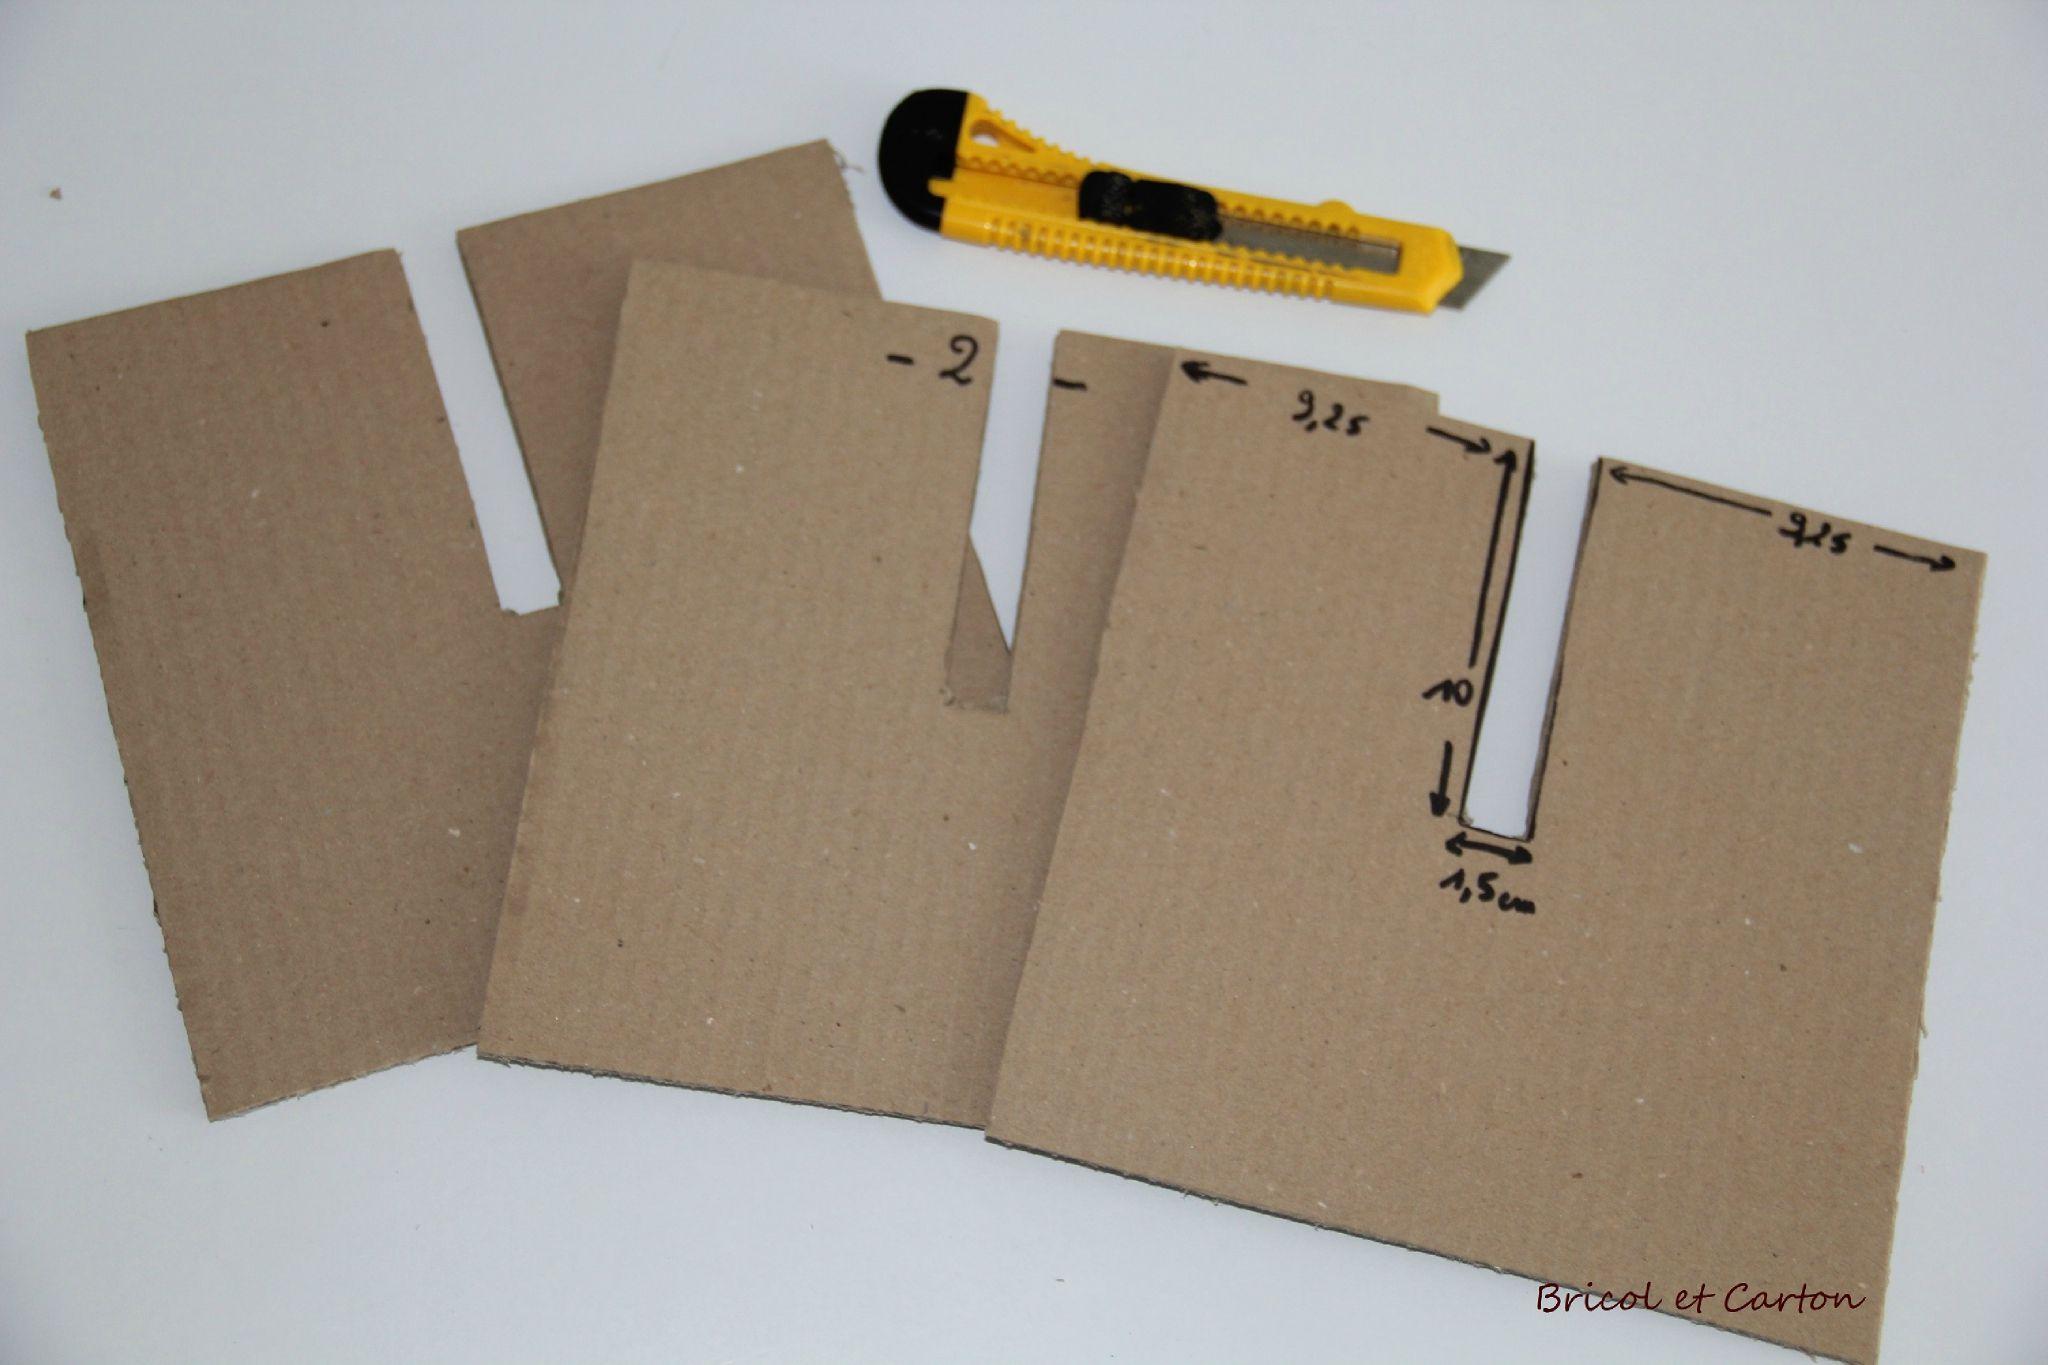 Diy Tabouret En Carton Bricol Et Carton Meuble En Carton Carton Trucs Pour Maison